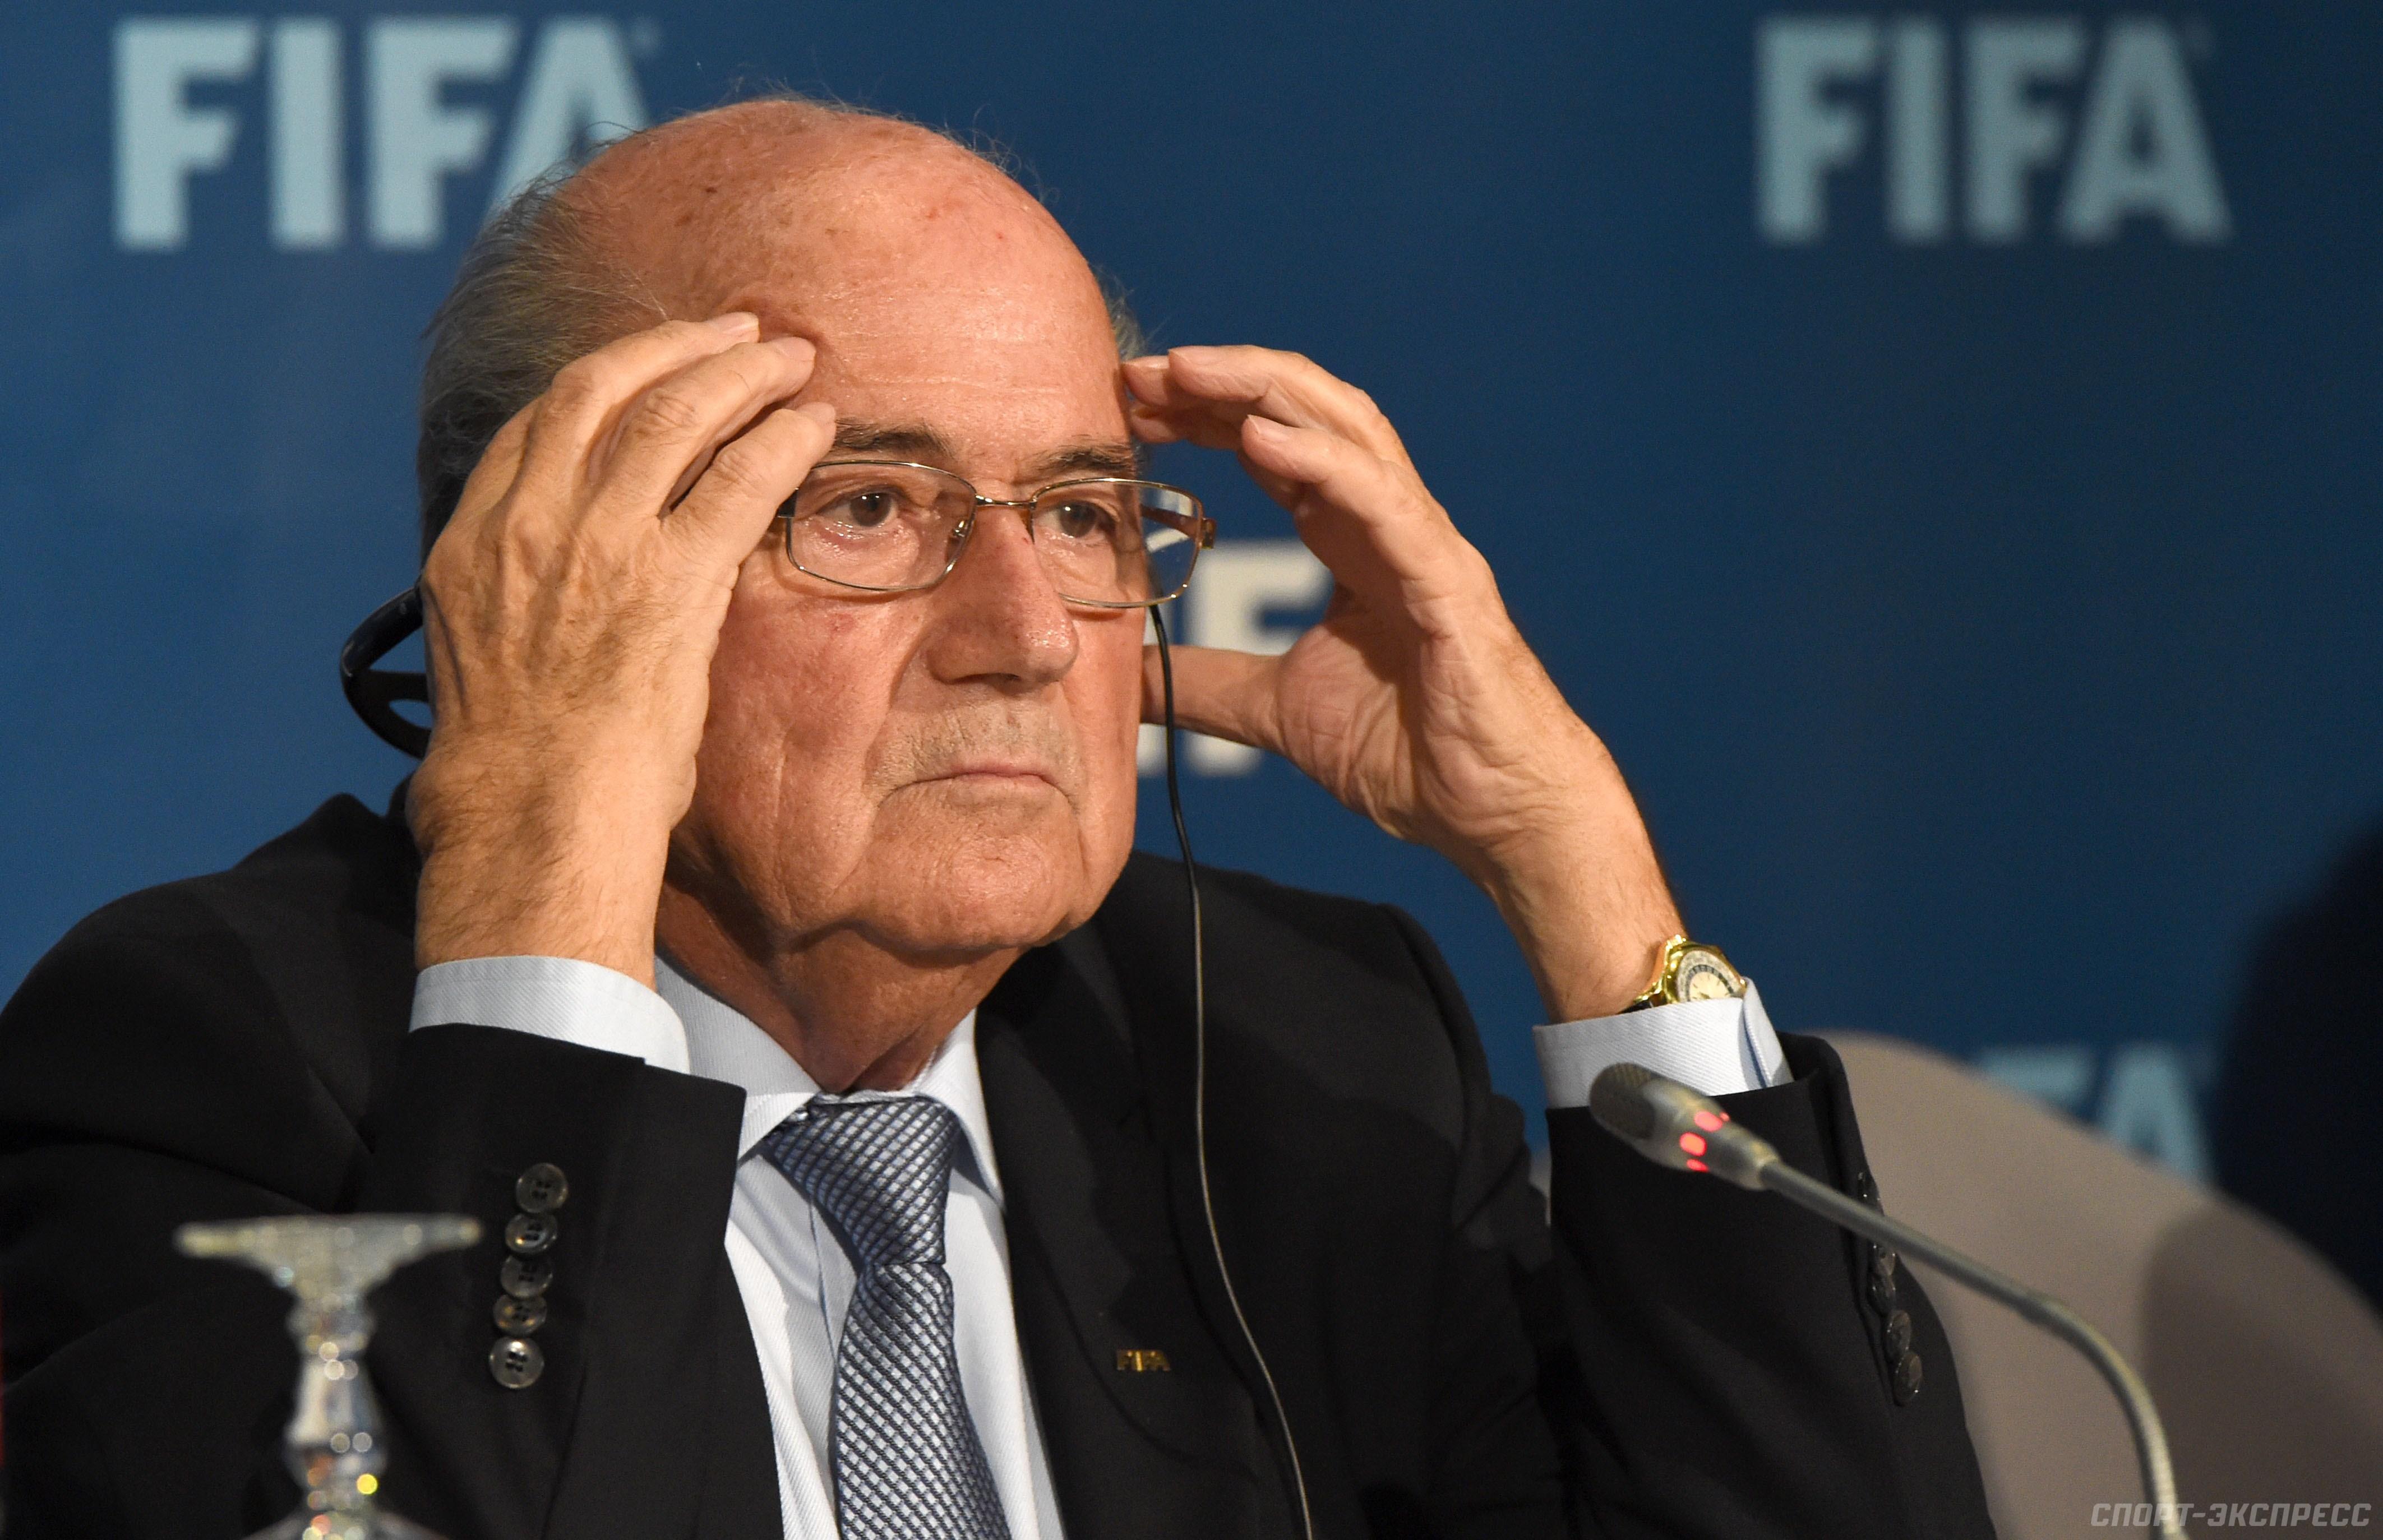 ФИФА начала расследования против Блаттера, Вальке и Каттнера